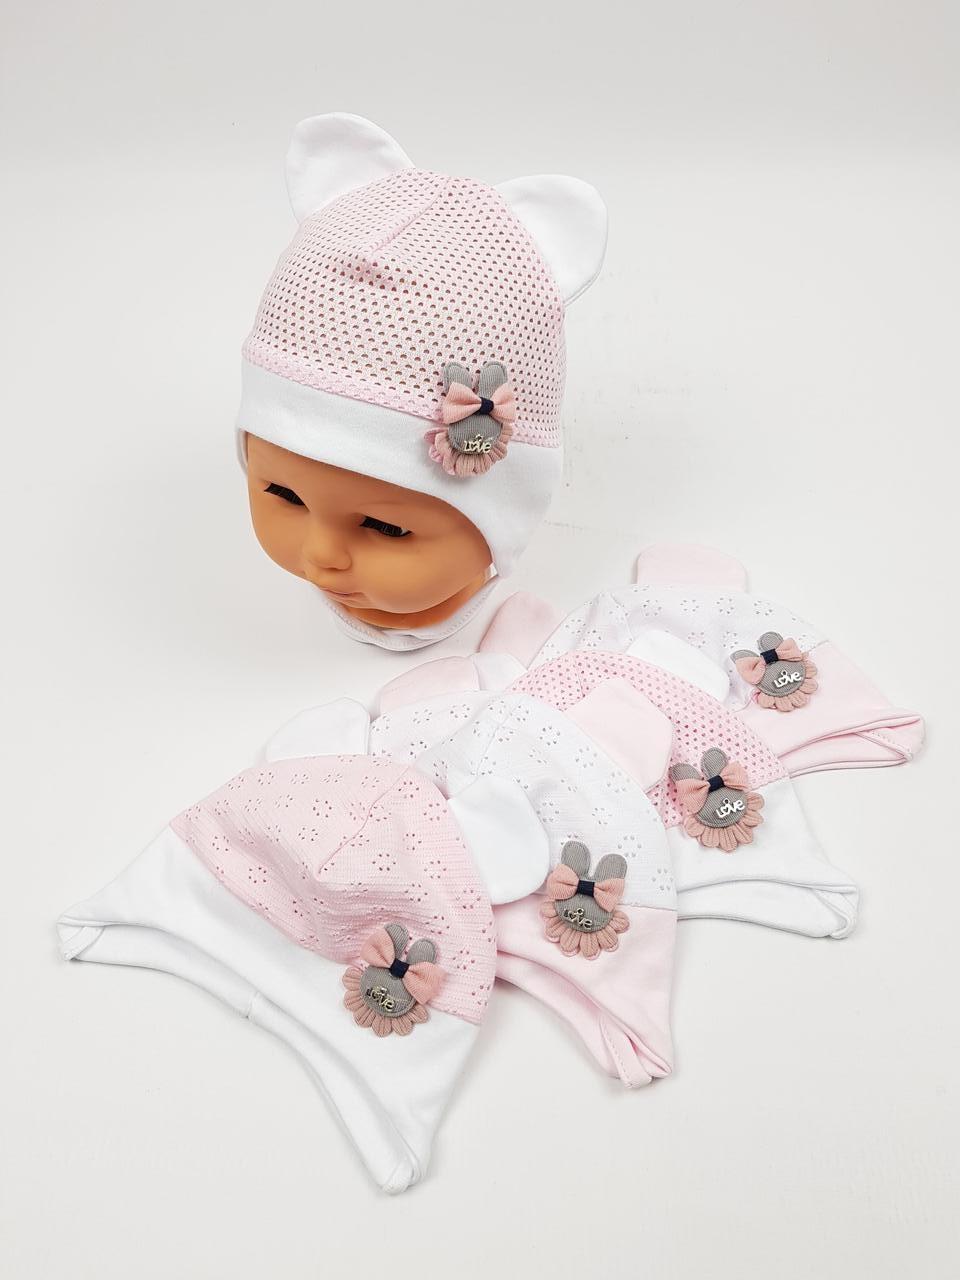 Літні дитячі шапочки в сіточку з вушками для дівчаток, р. 38-40 40-42, Польща (Ala Baby)